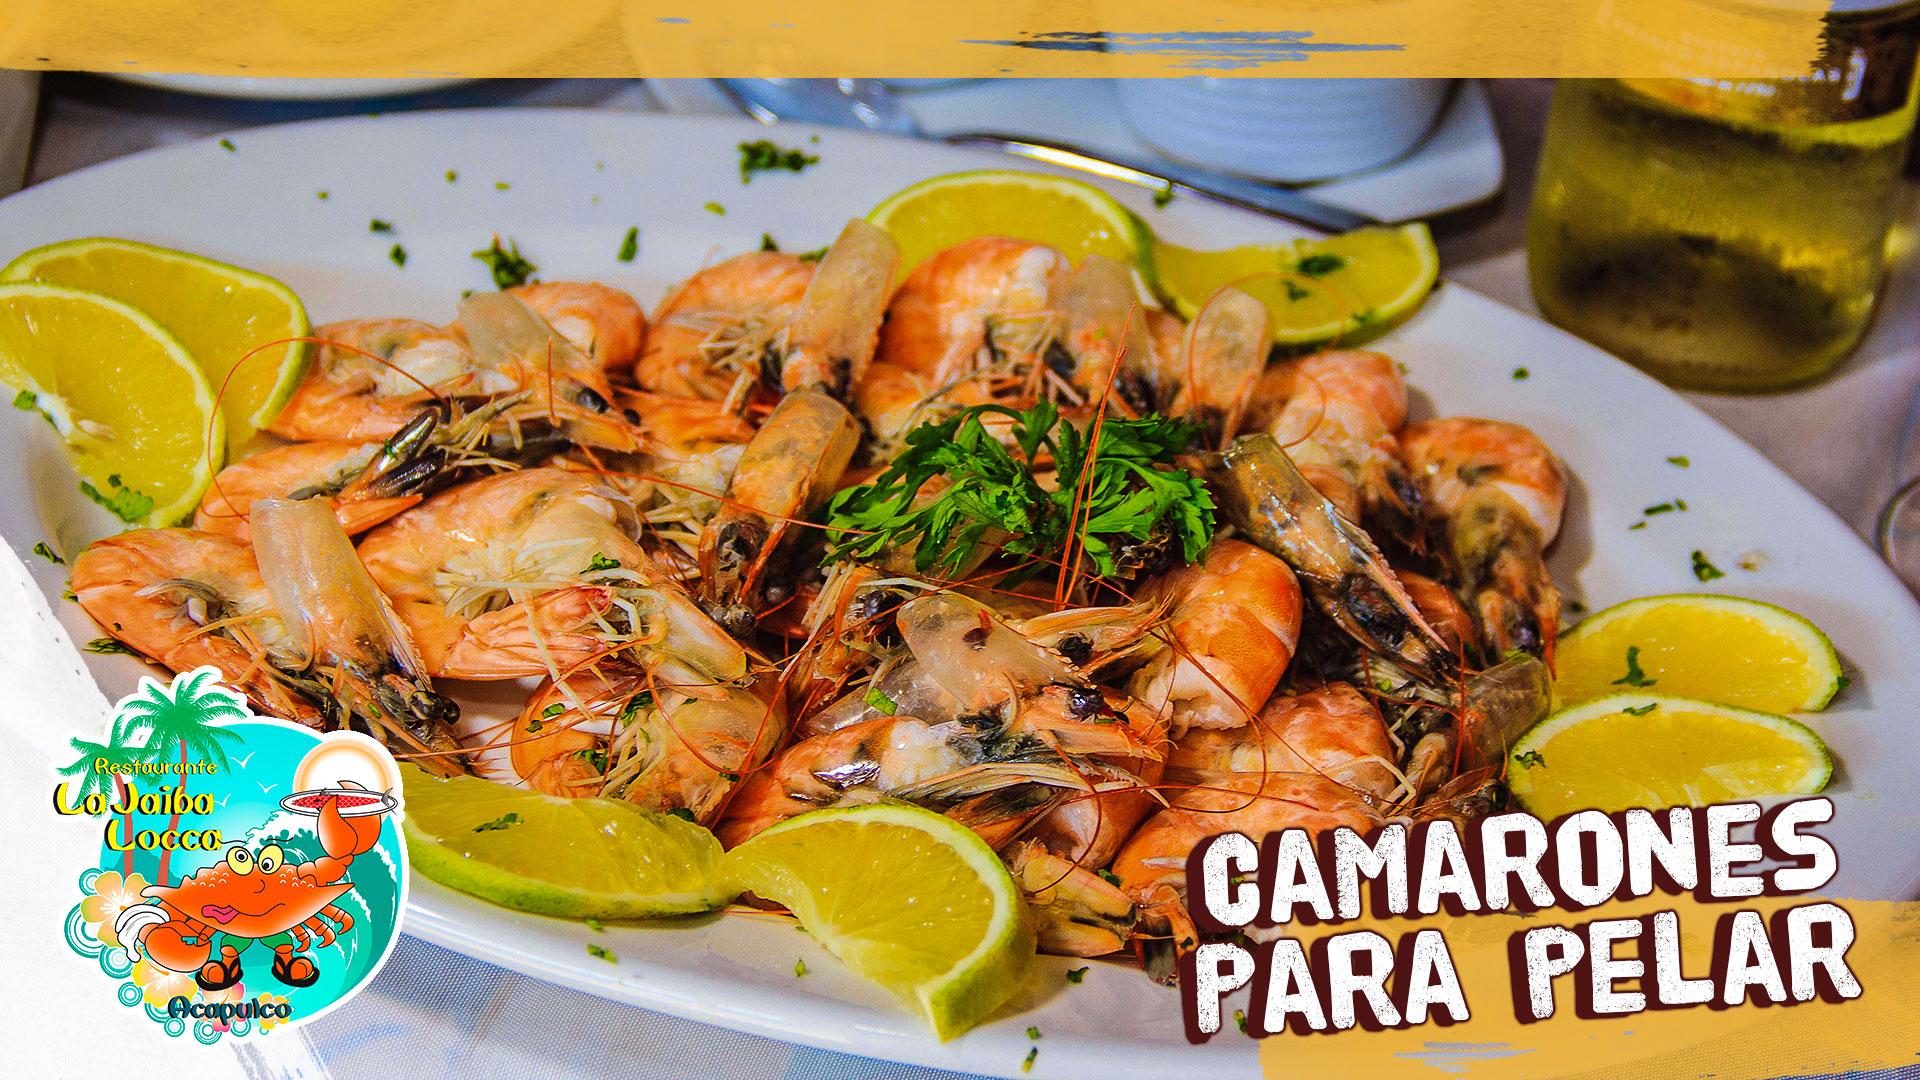 https://0201.nccdn.net/1_2/000/000/0f3/052/10-Camarones-para-pelar.jpg